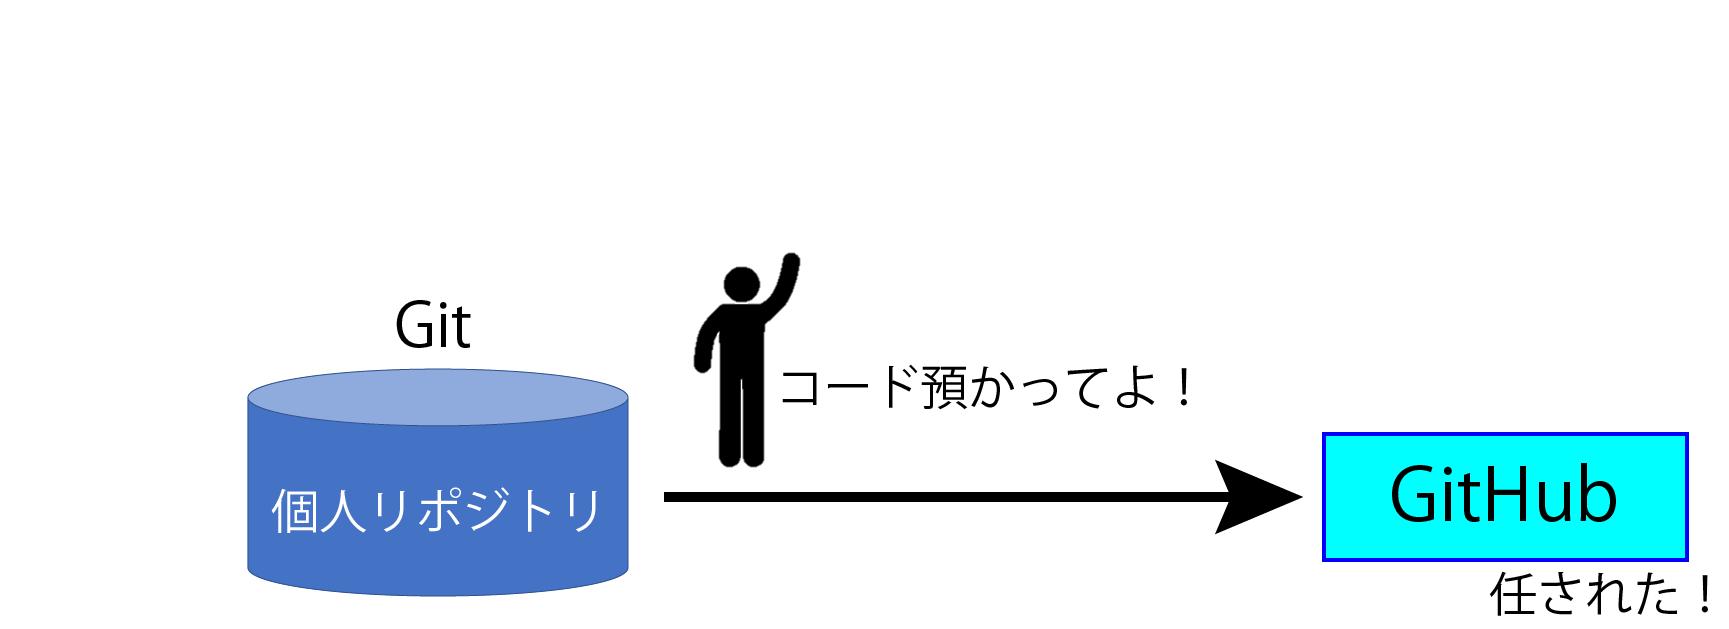 GitHubとはコードのホスティングサービス